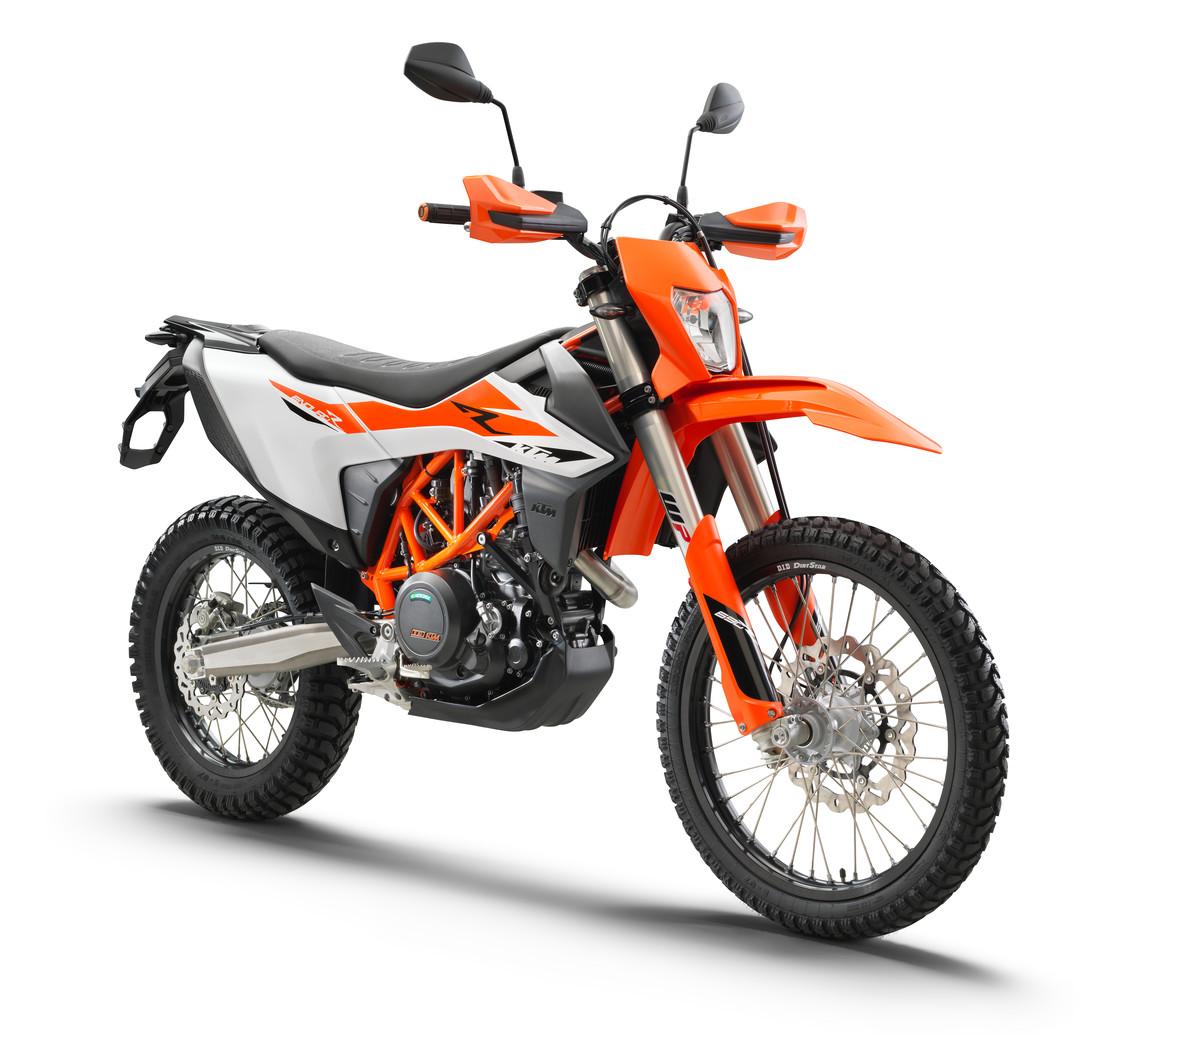 247499_690 Enduro R 2019